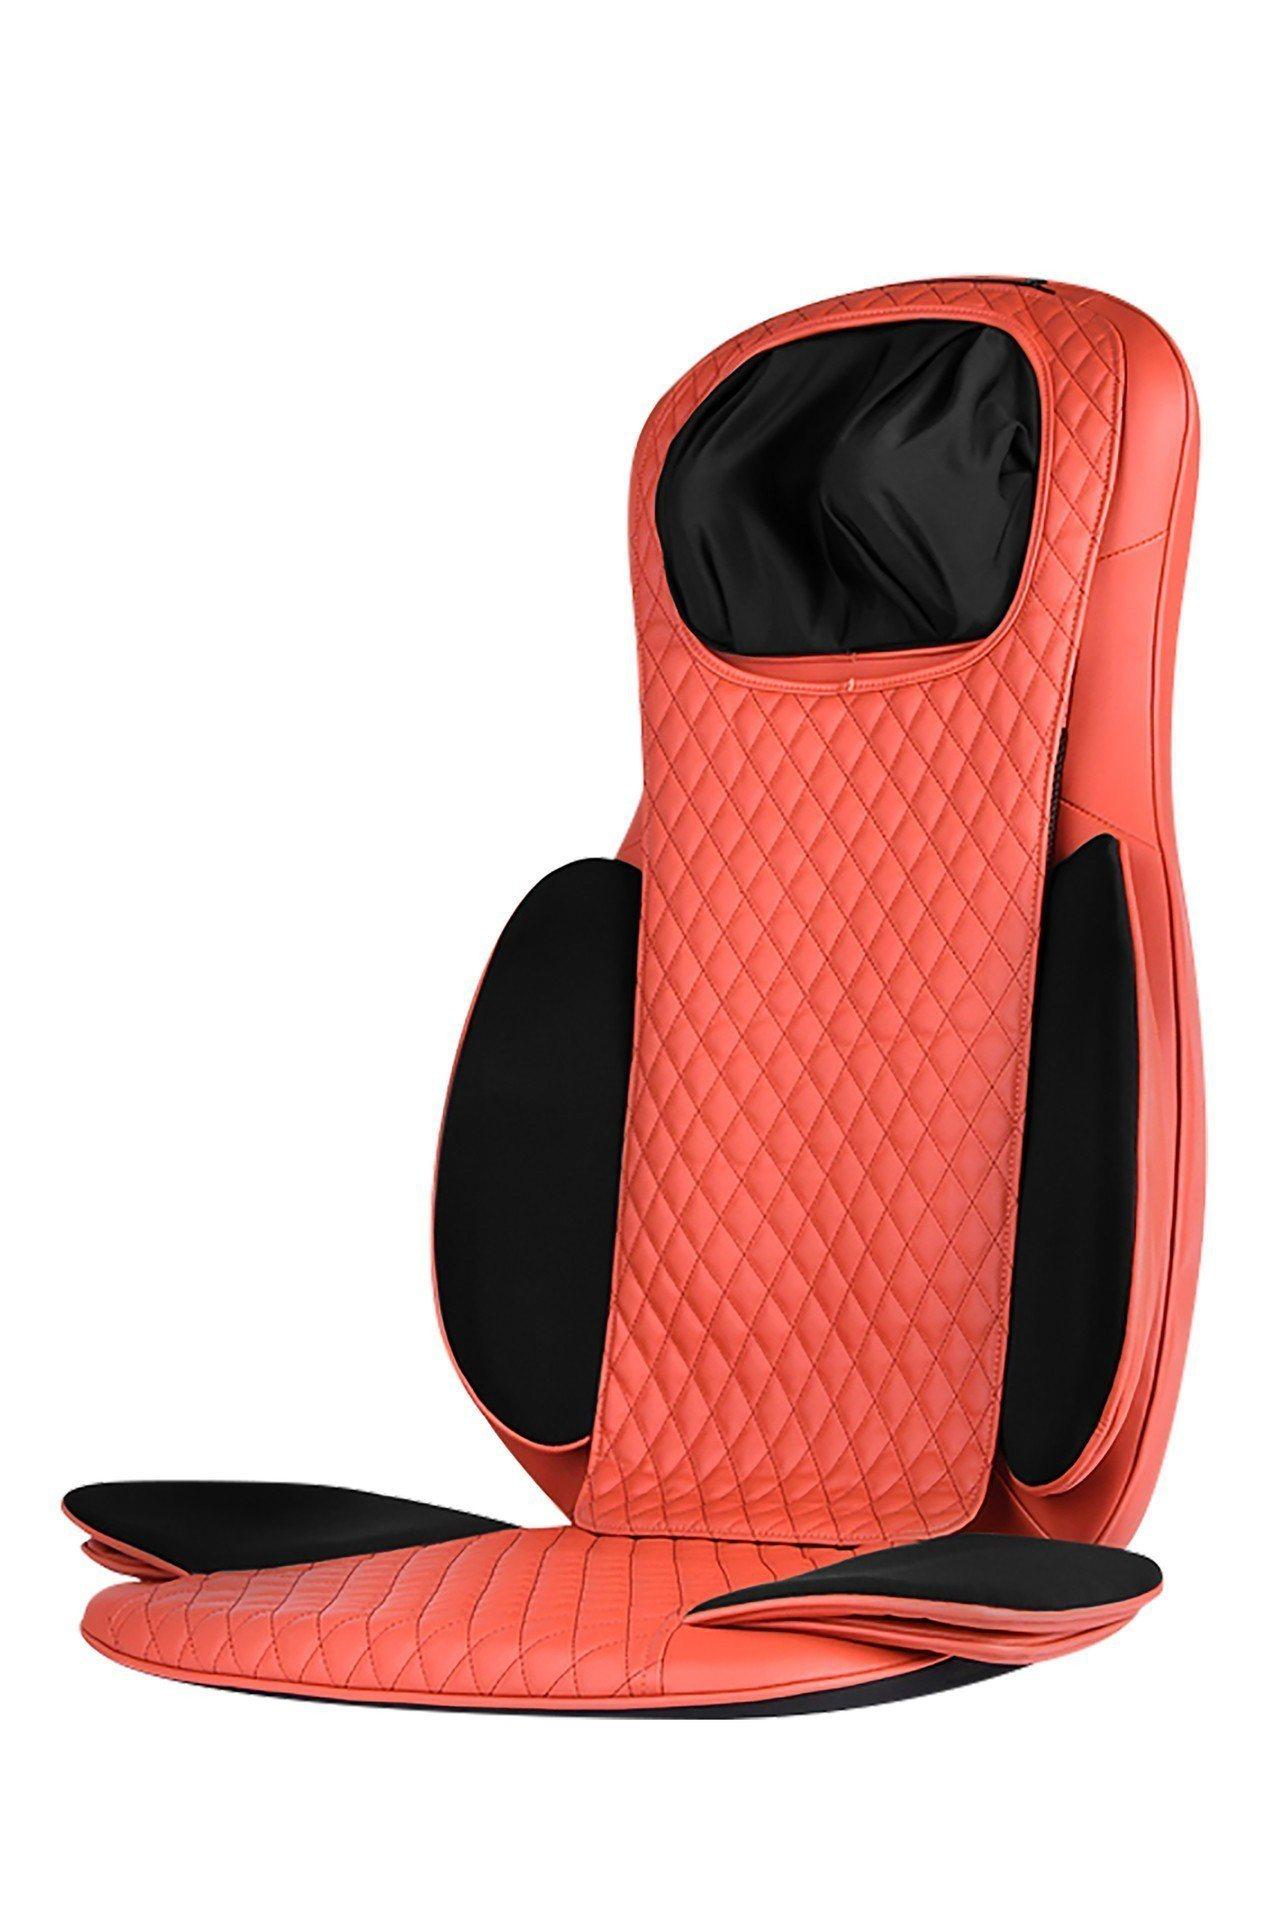 康生BOSS專用氣壓揉捶全功能按摩椅墊,原價13,800元,特價9,800元。圖...